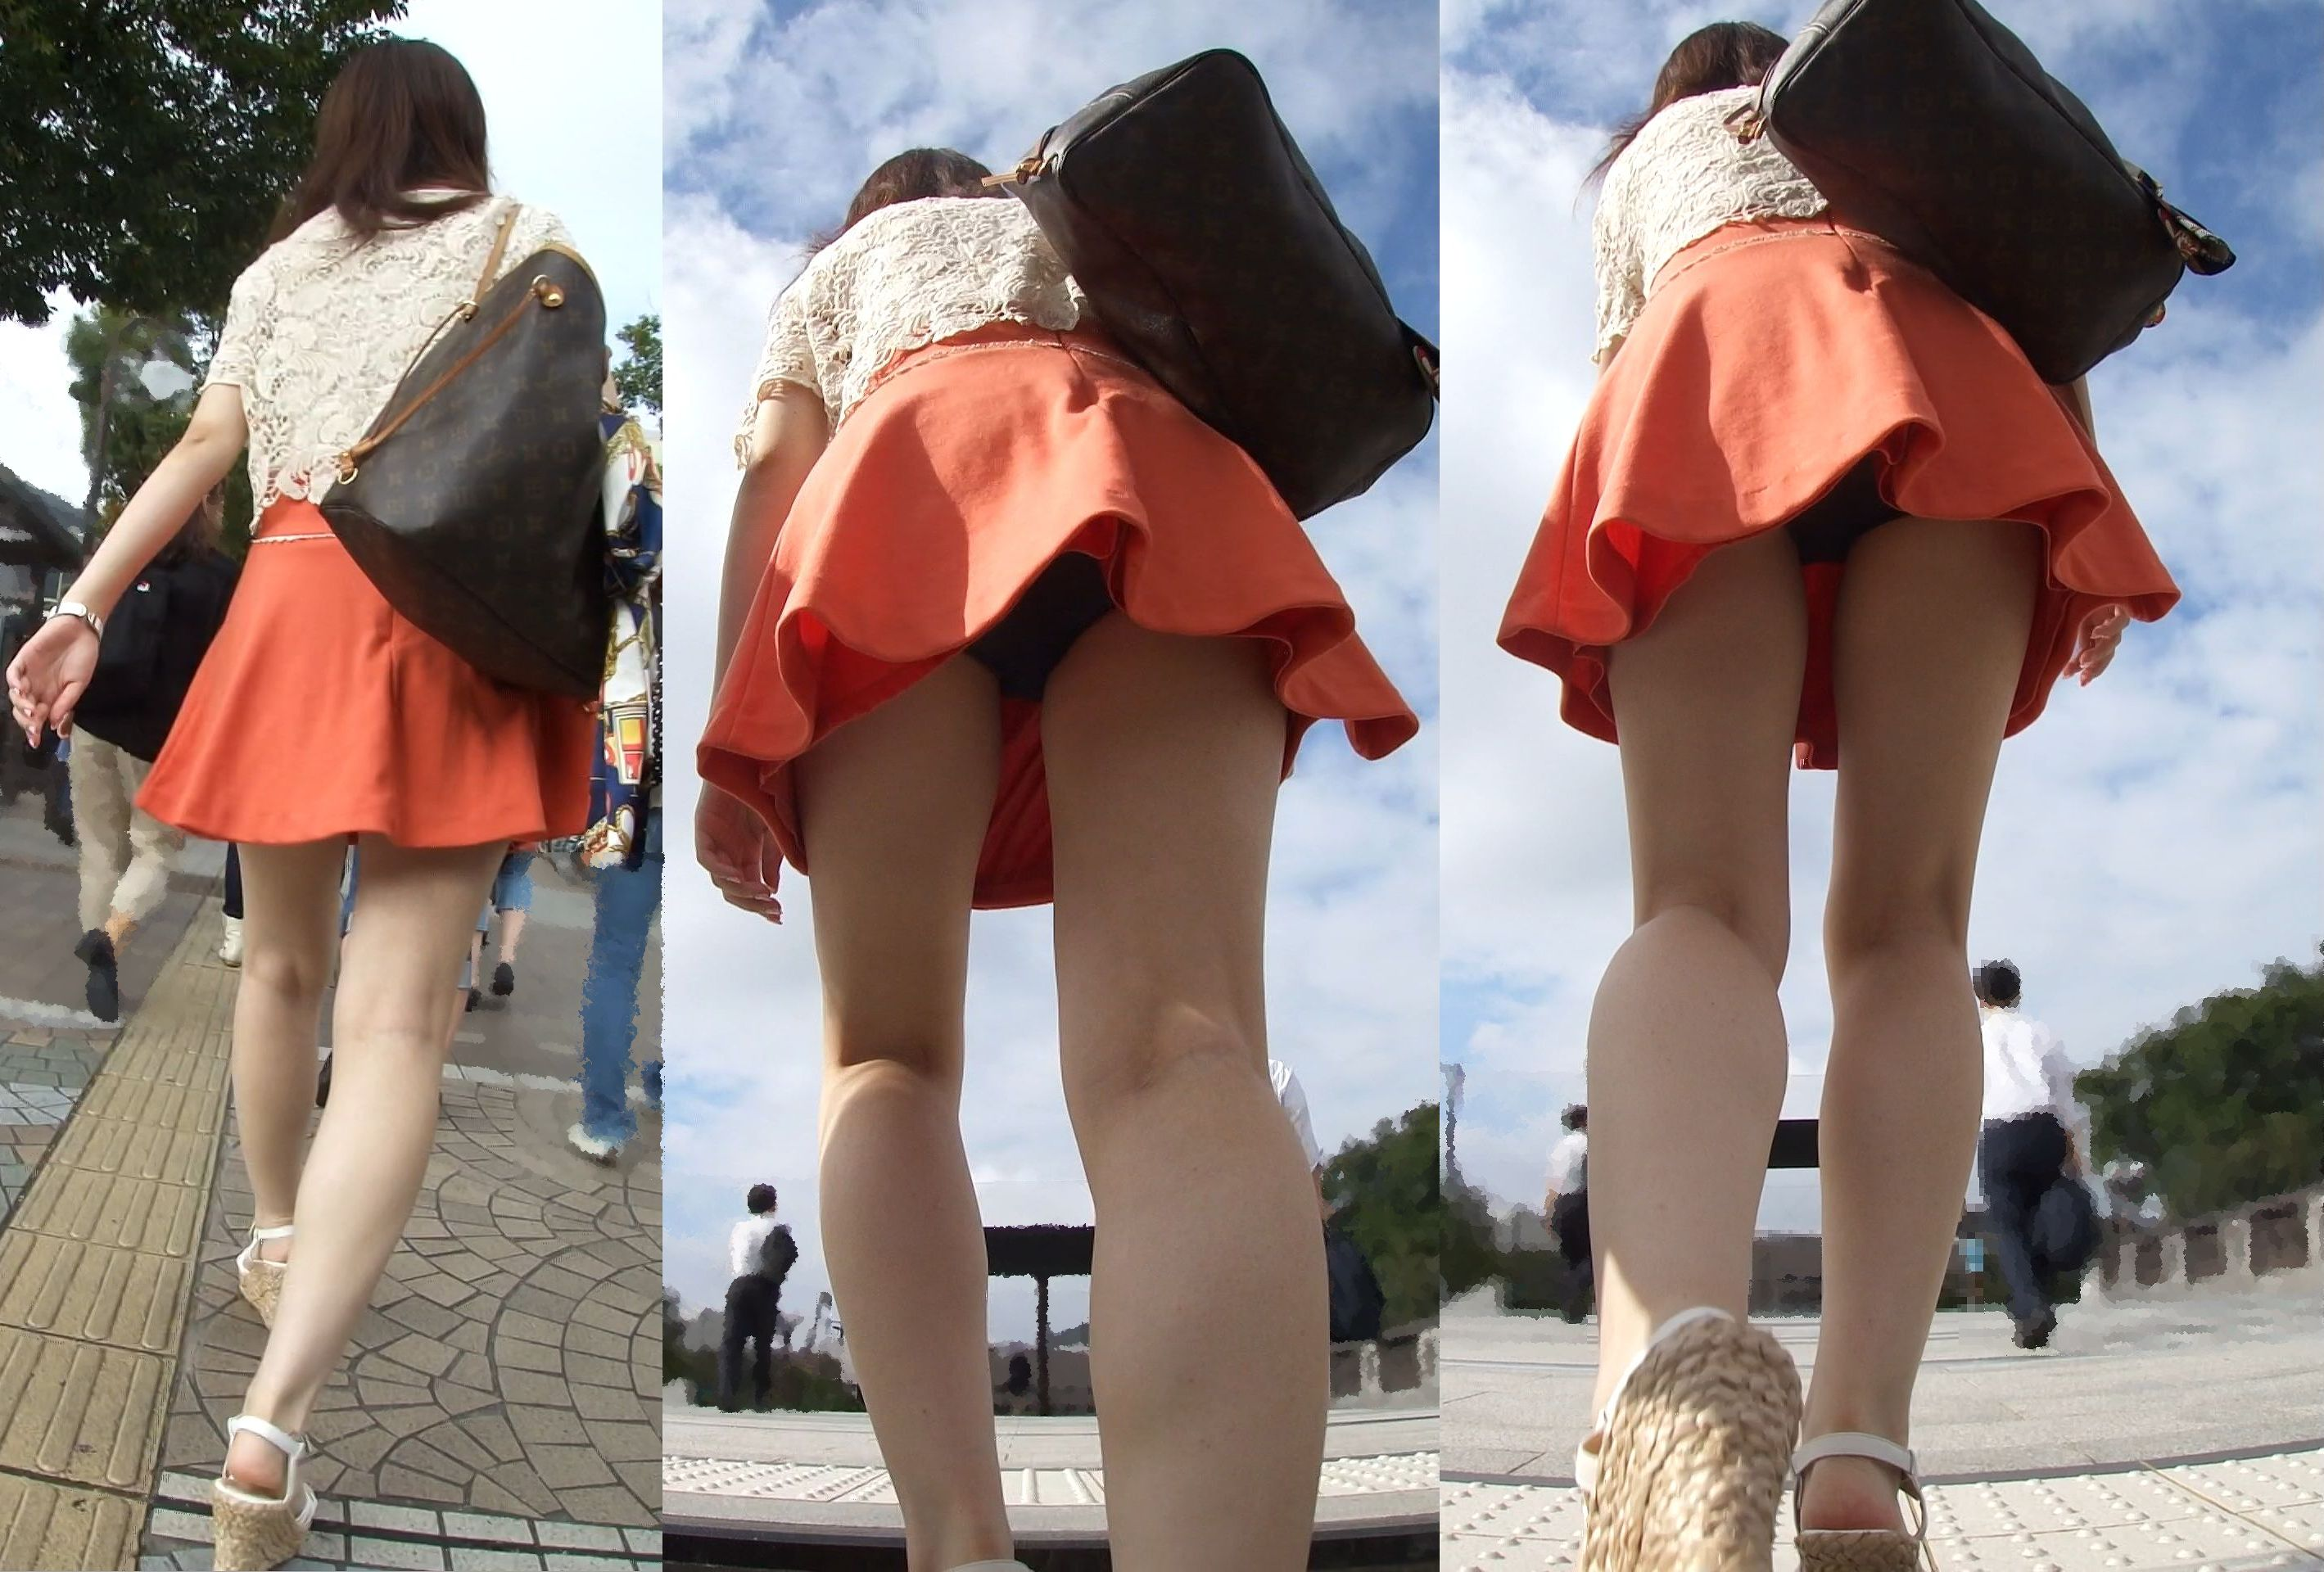 【パンチラ画像】絶対わざとだwww超ミニスカ女子のパンチラとムチムチ下半身の挑発 12